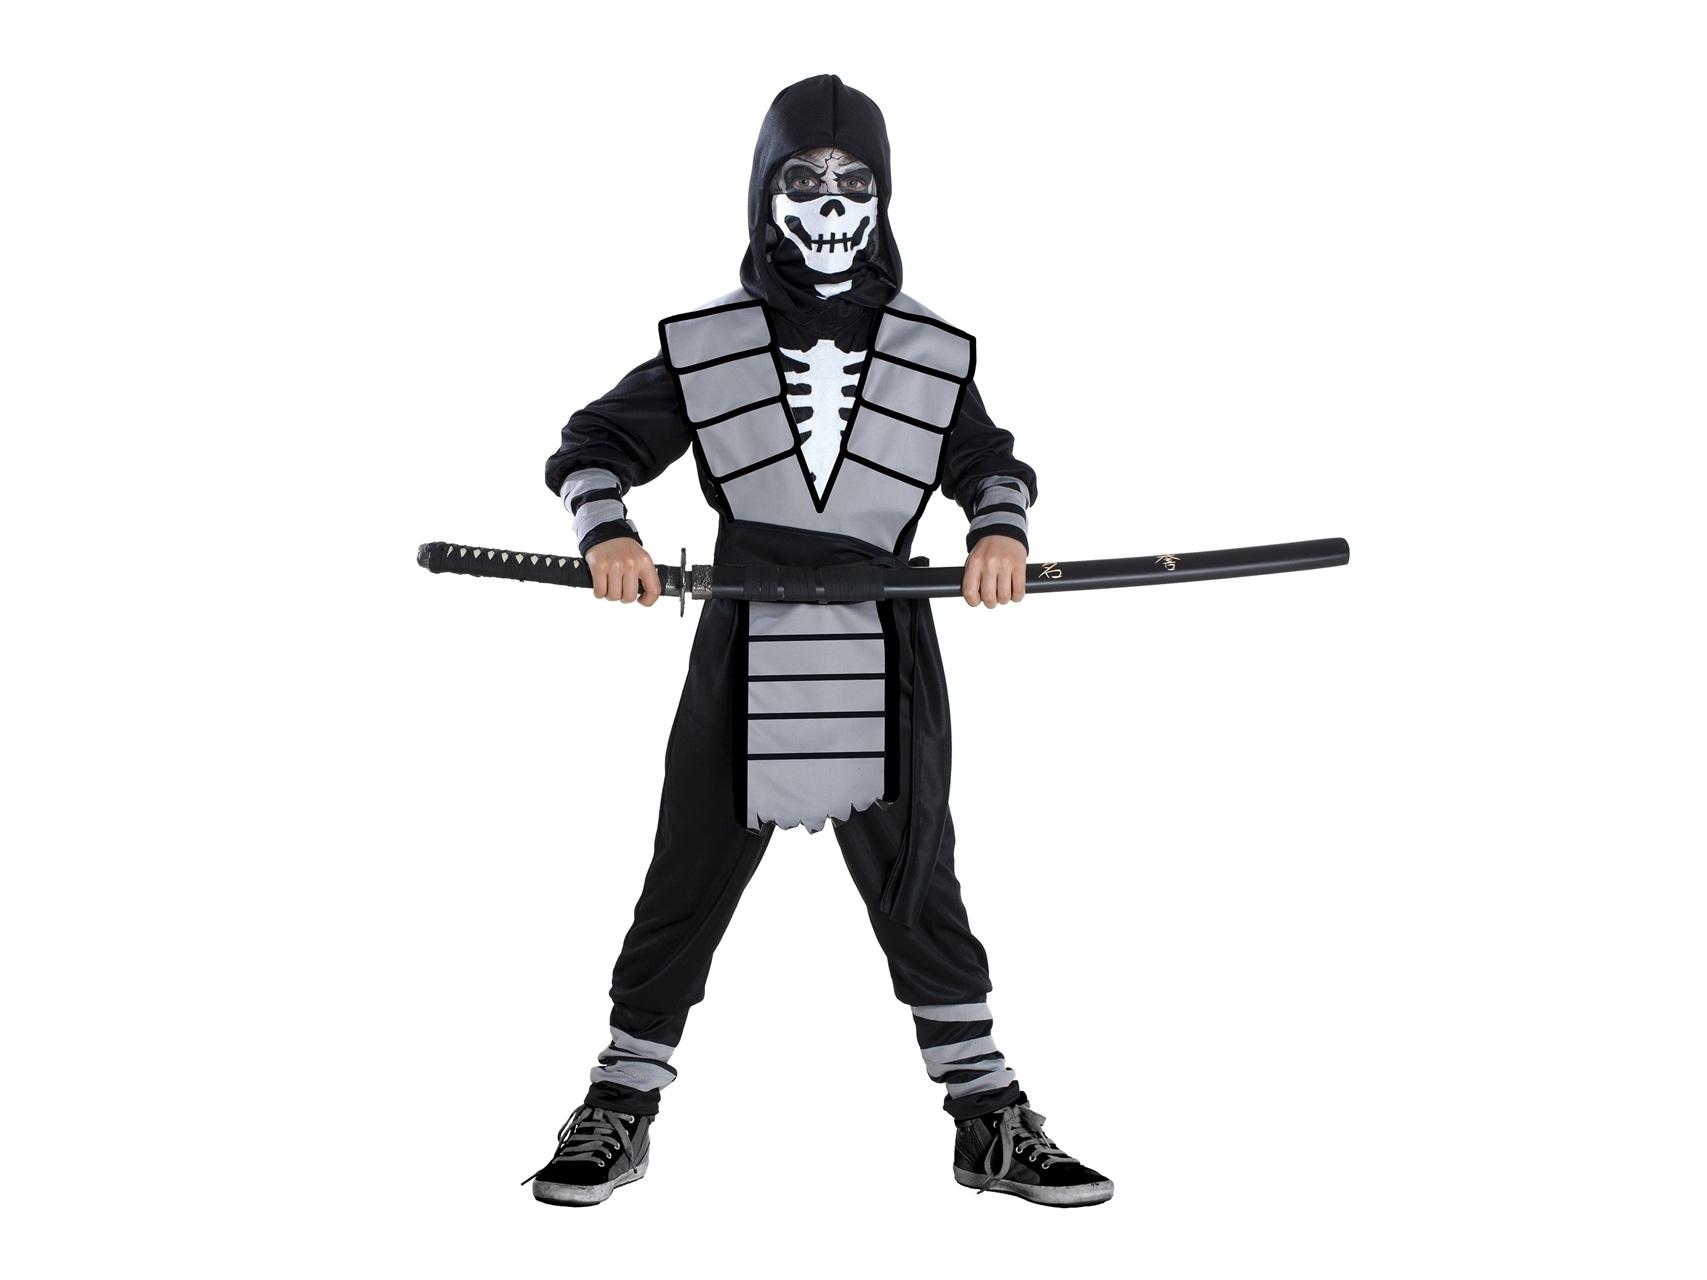 prezzo più basso miglior prezzo per offrire Costume di carnevale Dead Ninja bambino